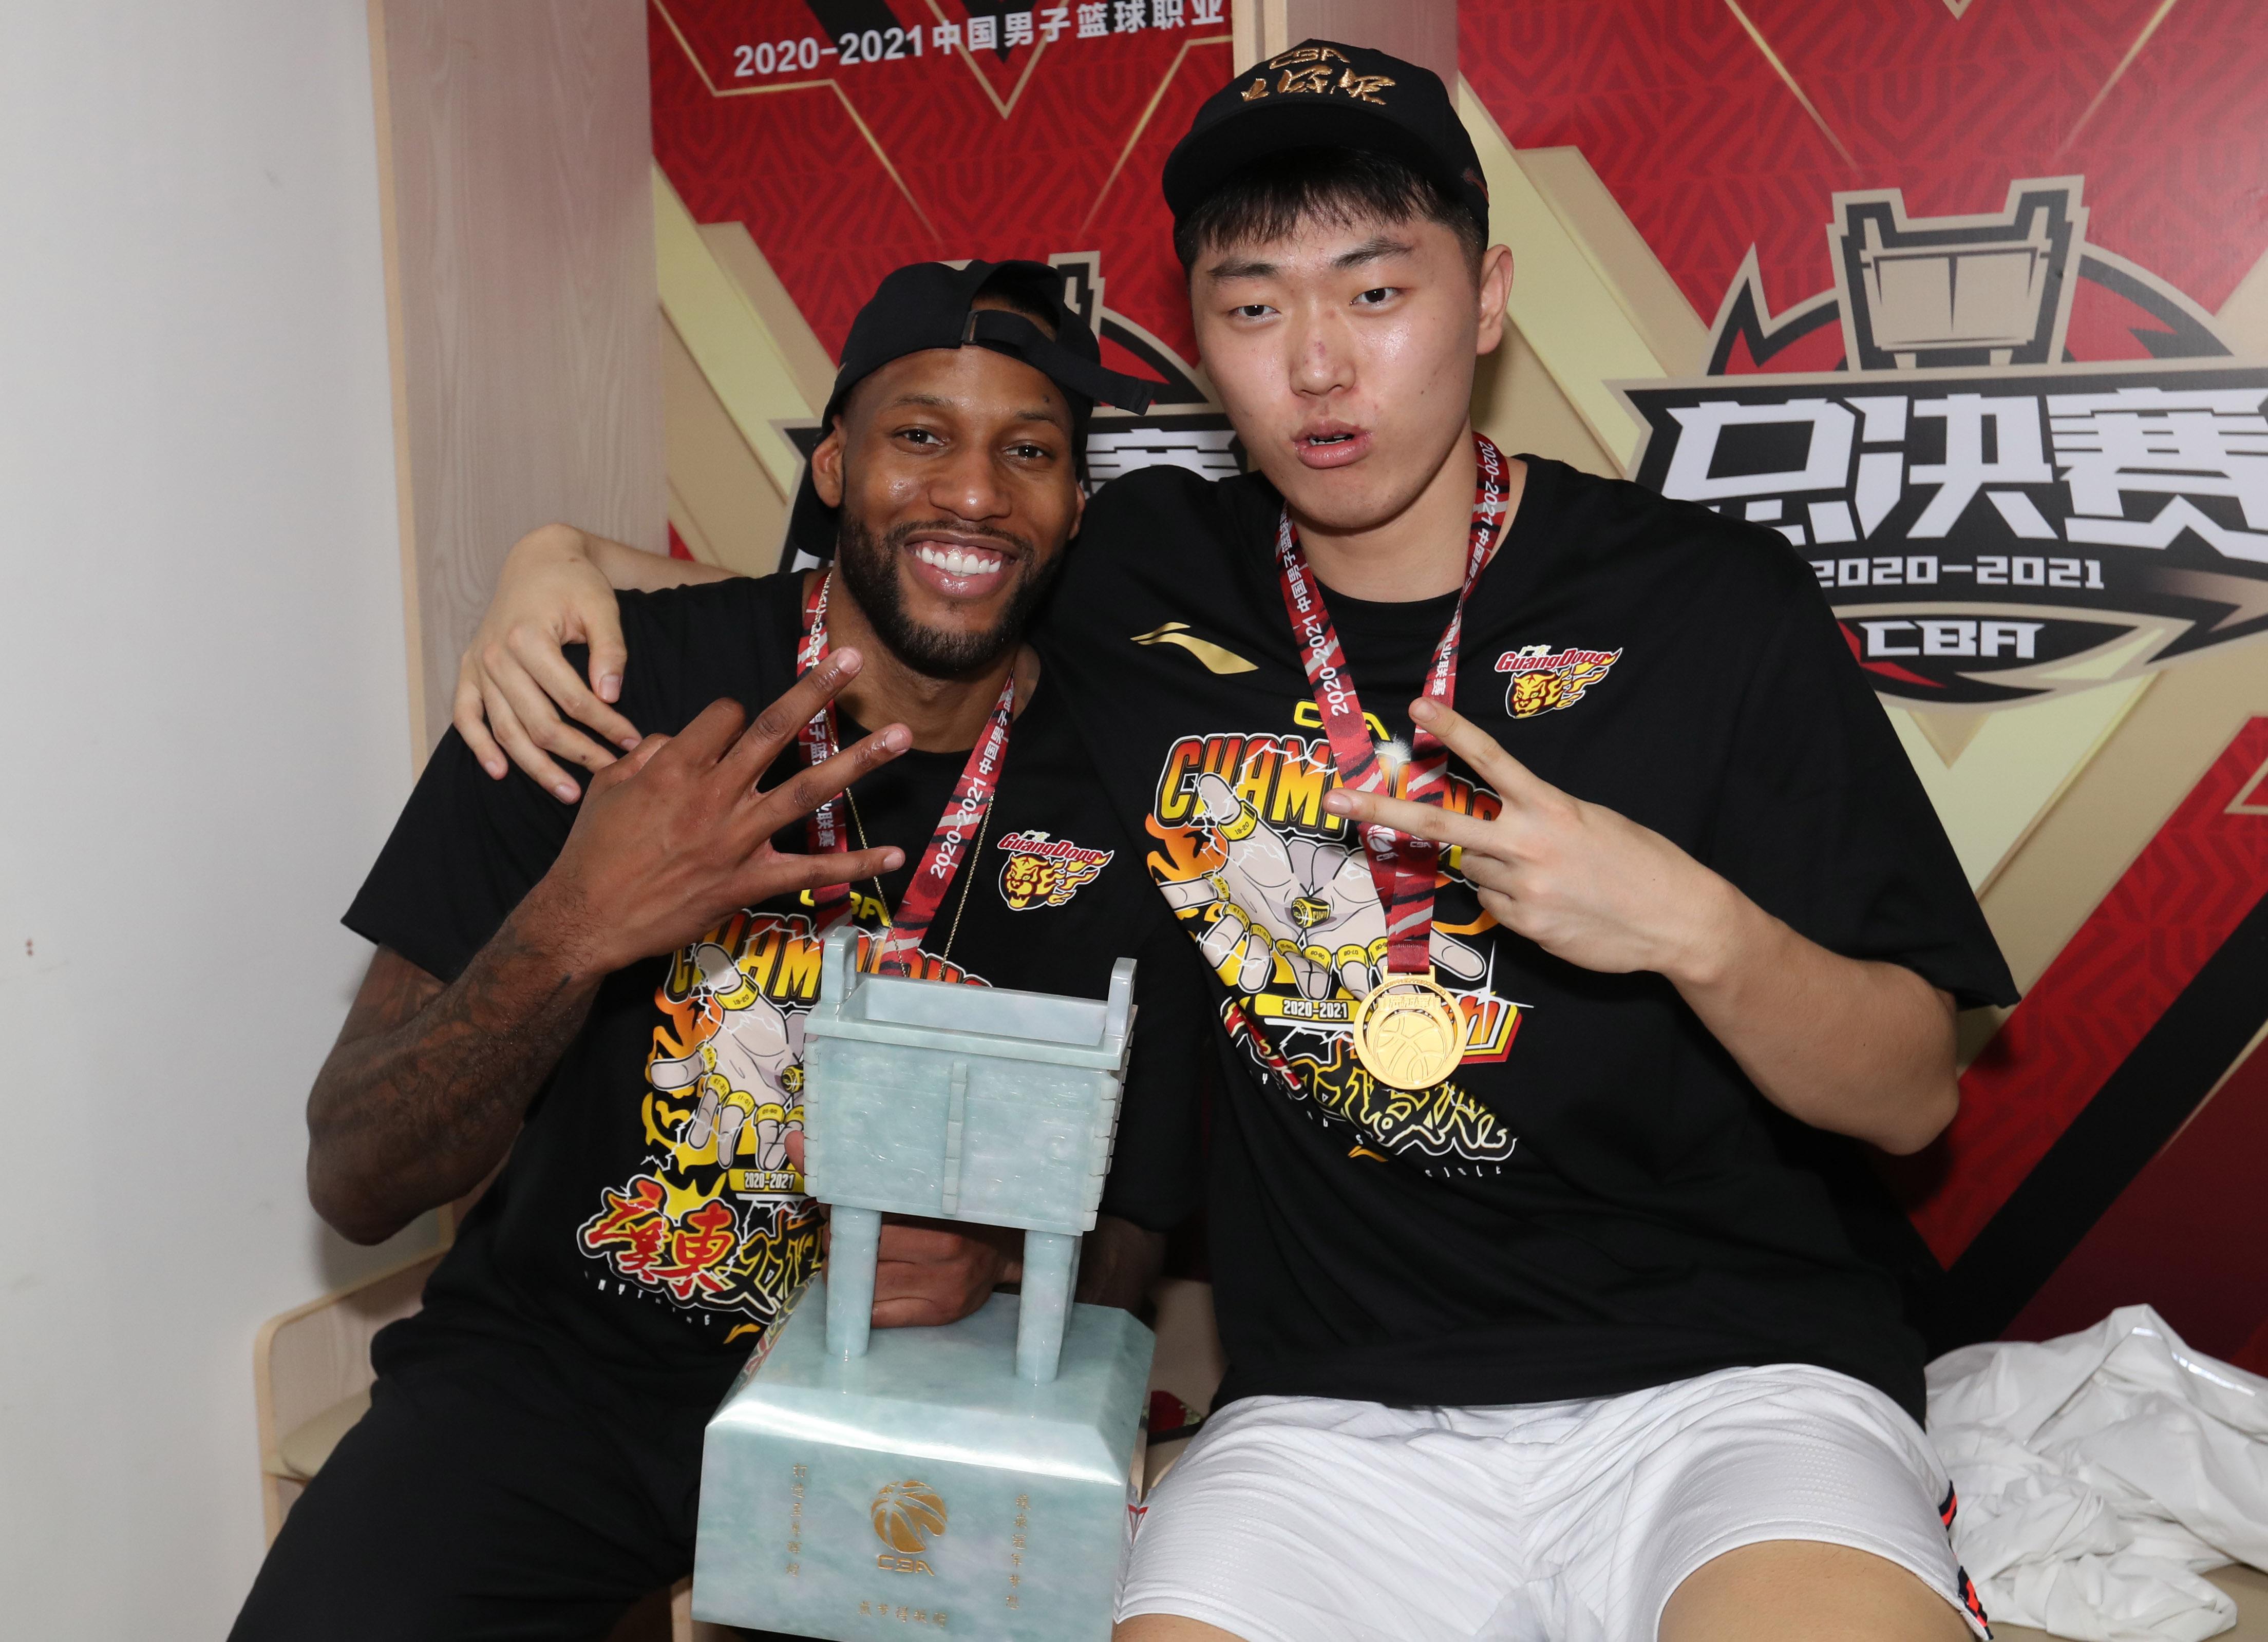 星启娱乐新闻:对话|广东男篮威姆斯:目标四个冠军,要做最成功的美国外援